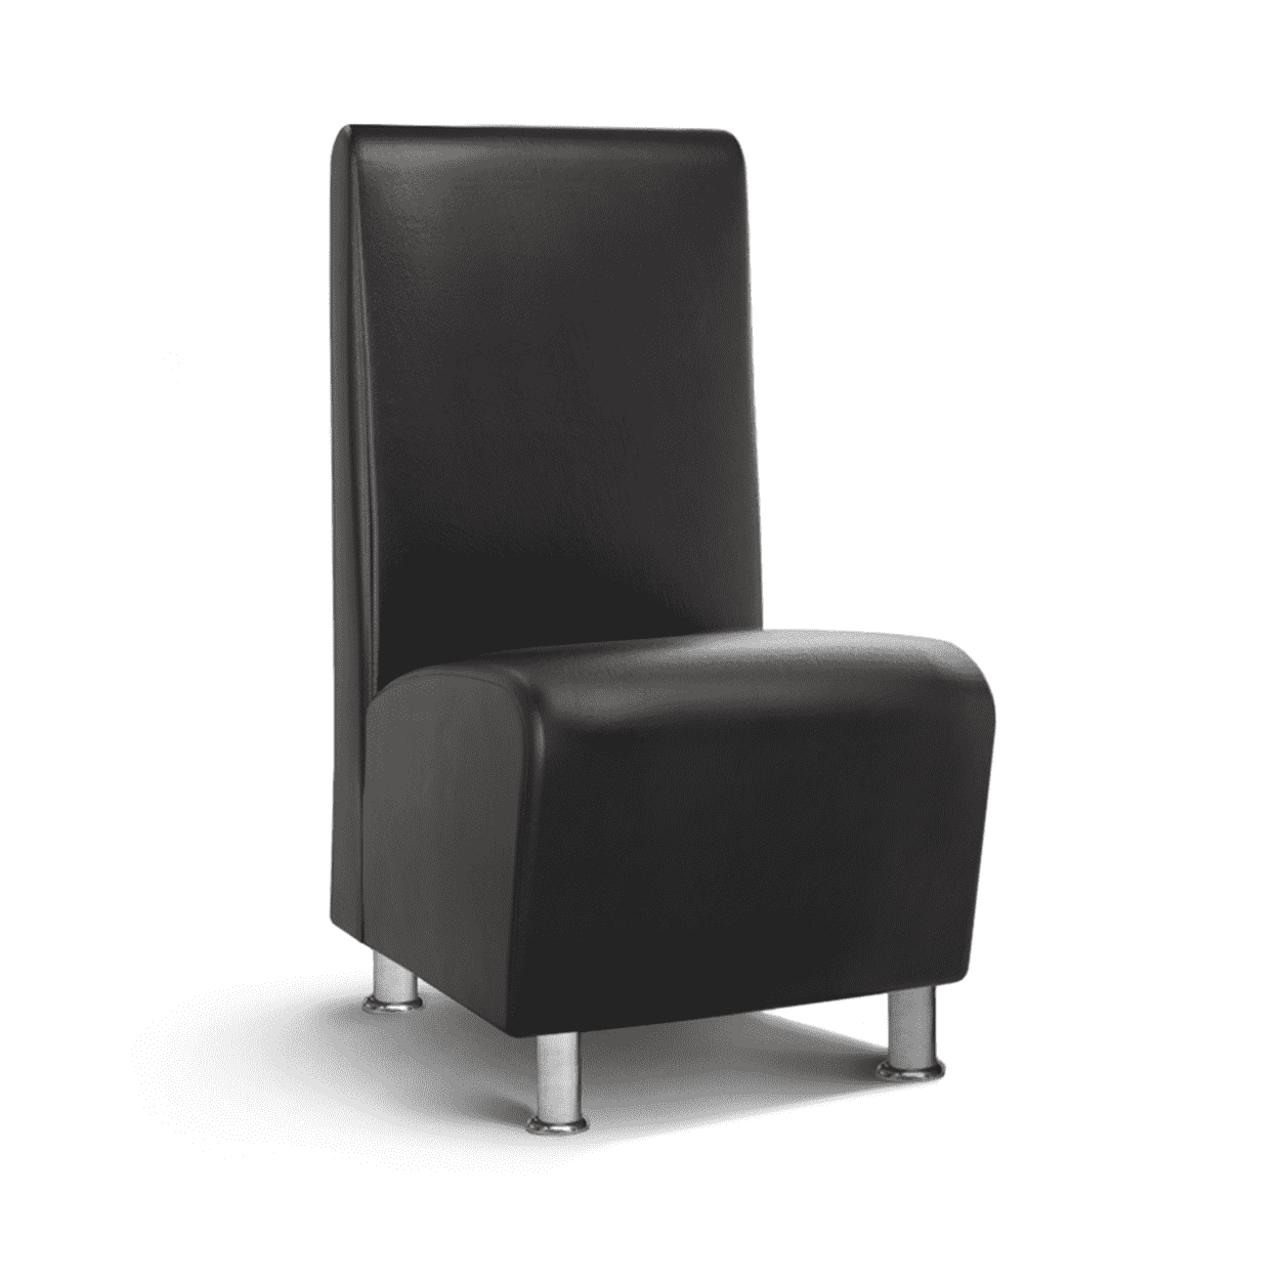 Мягкая офисная мебель Болеро - фото 3